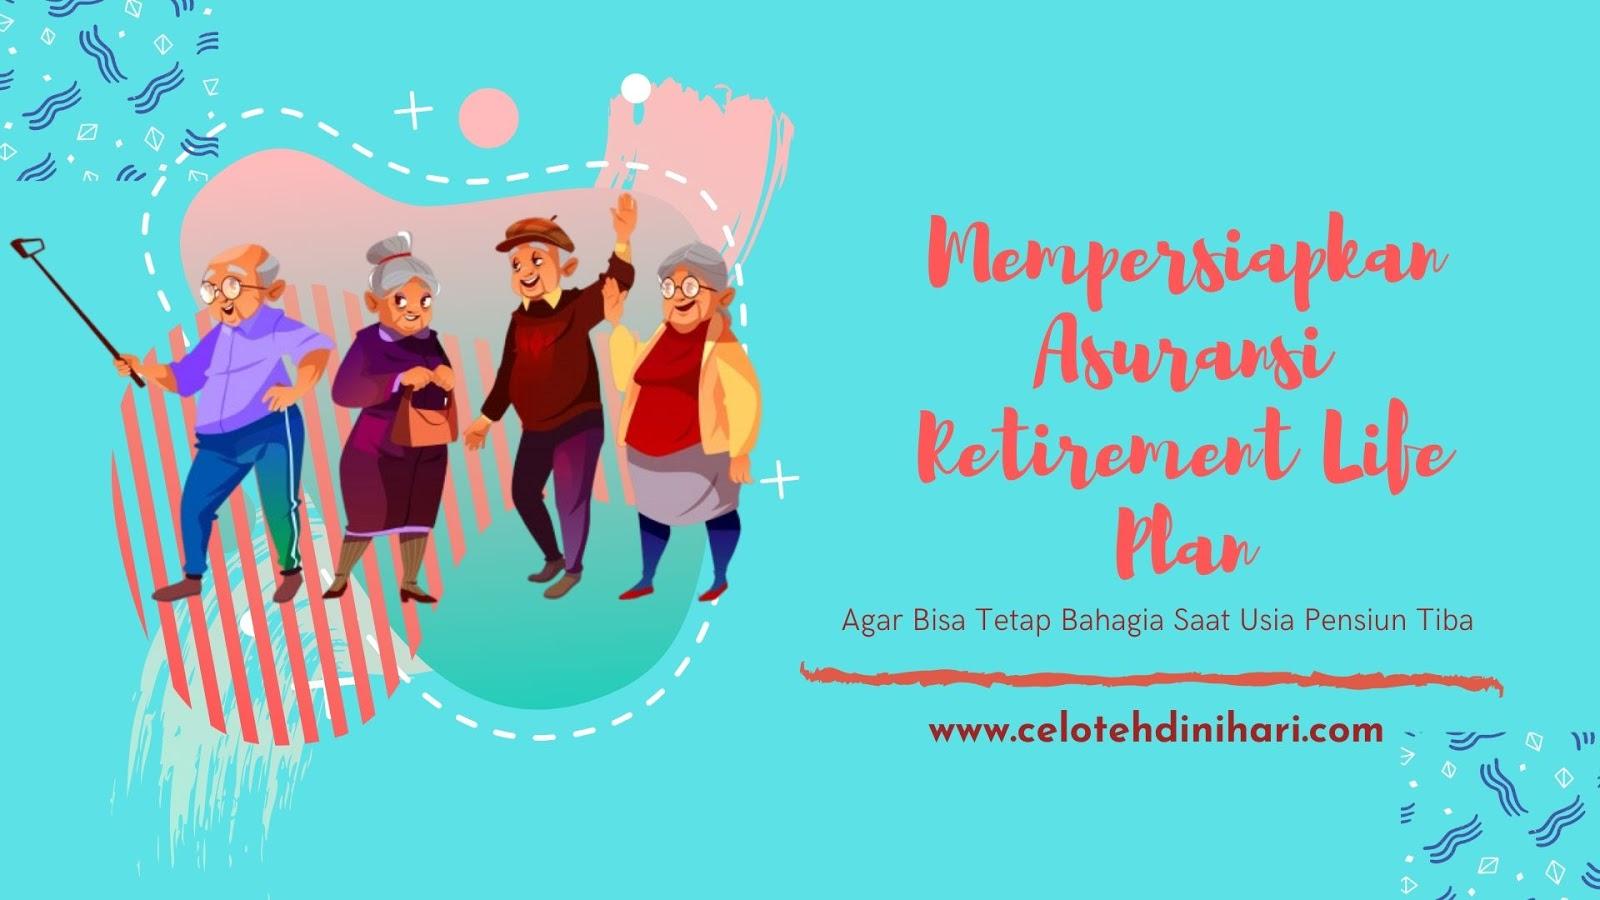 Asuransi Retirement Life Plan